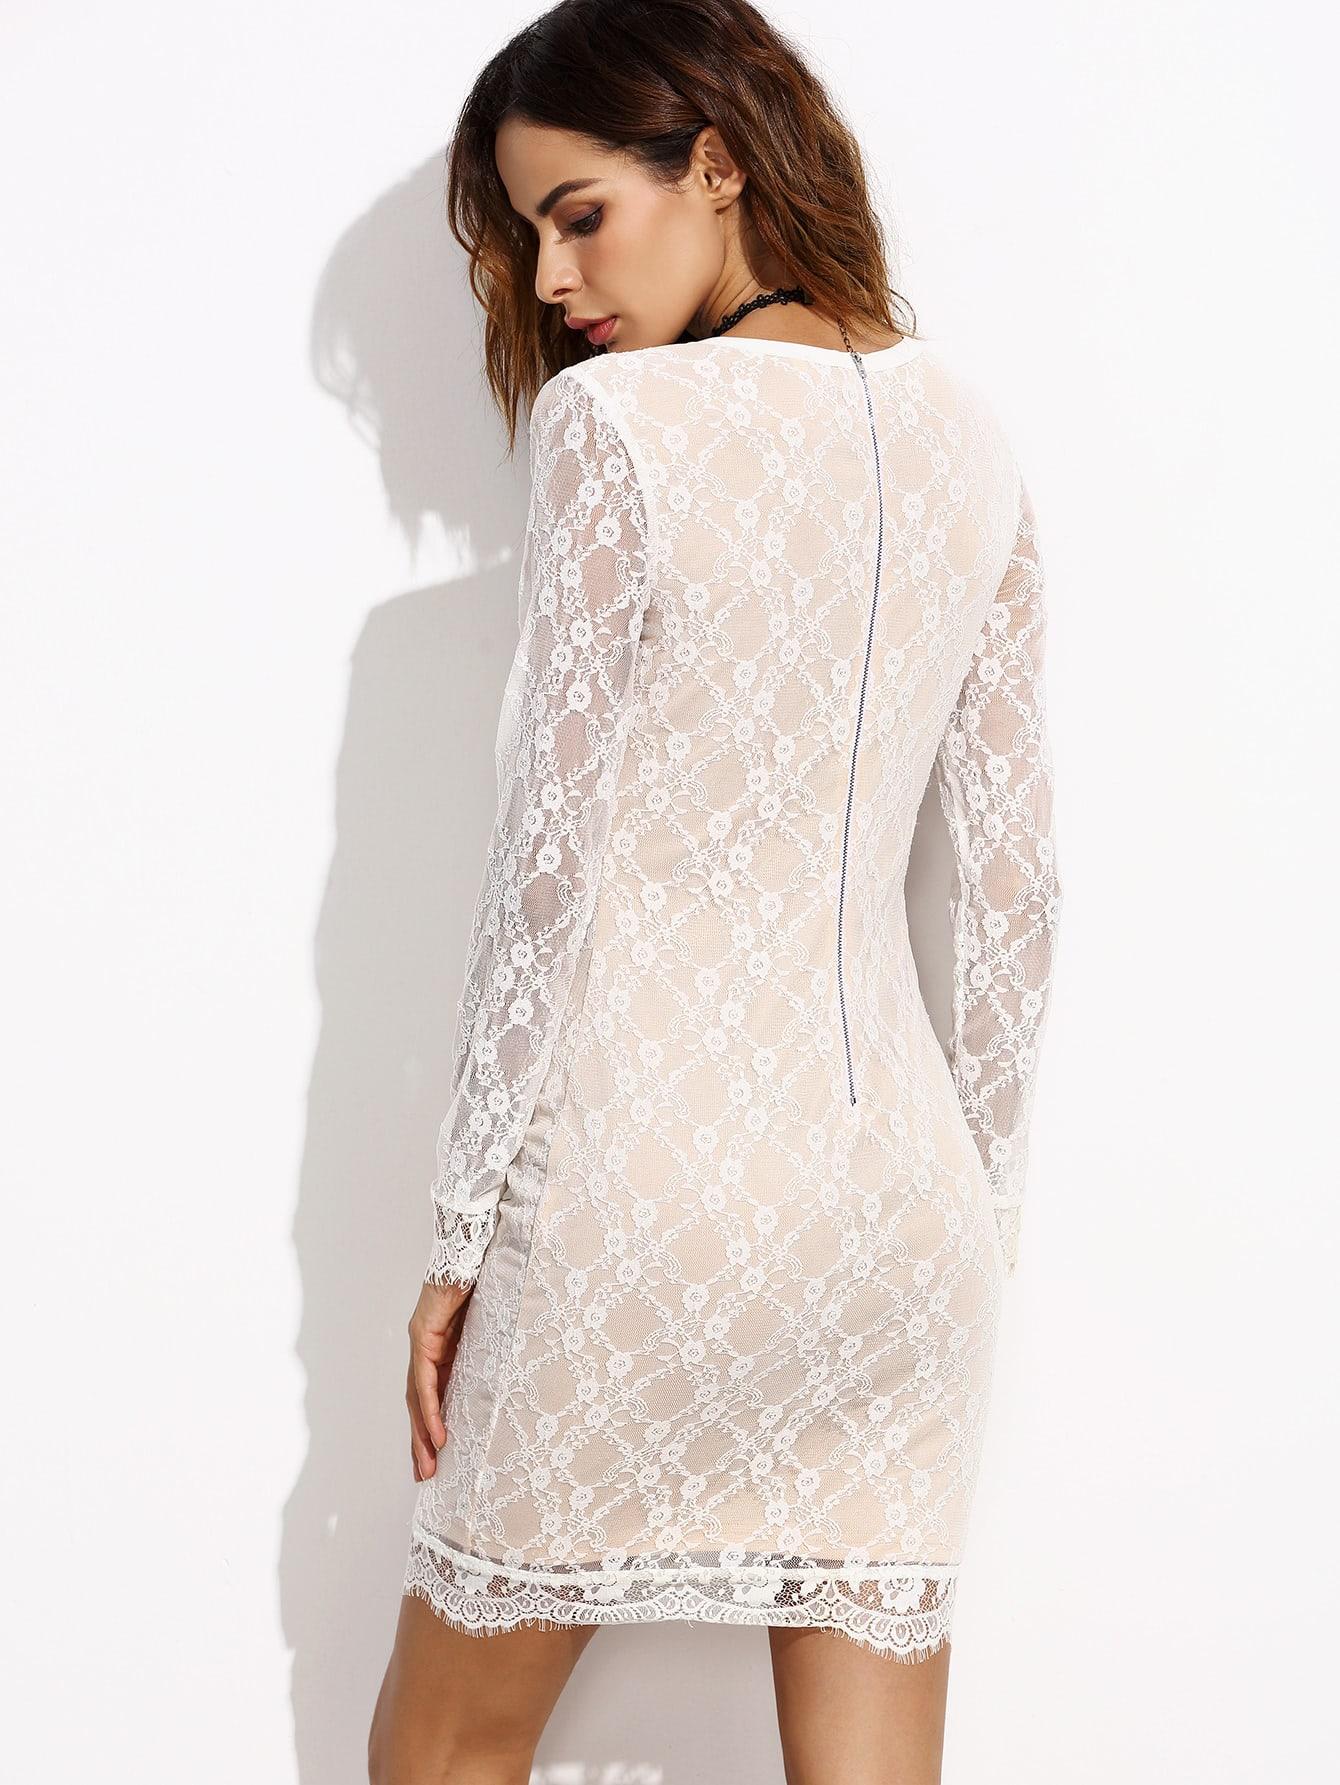 dress160830715_2